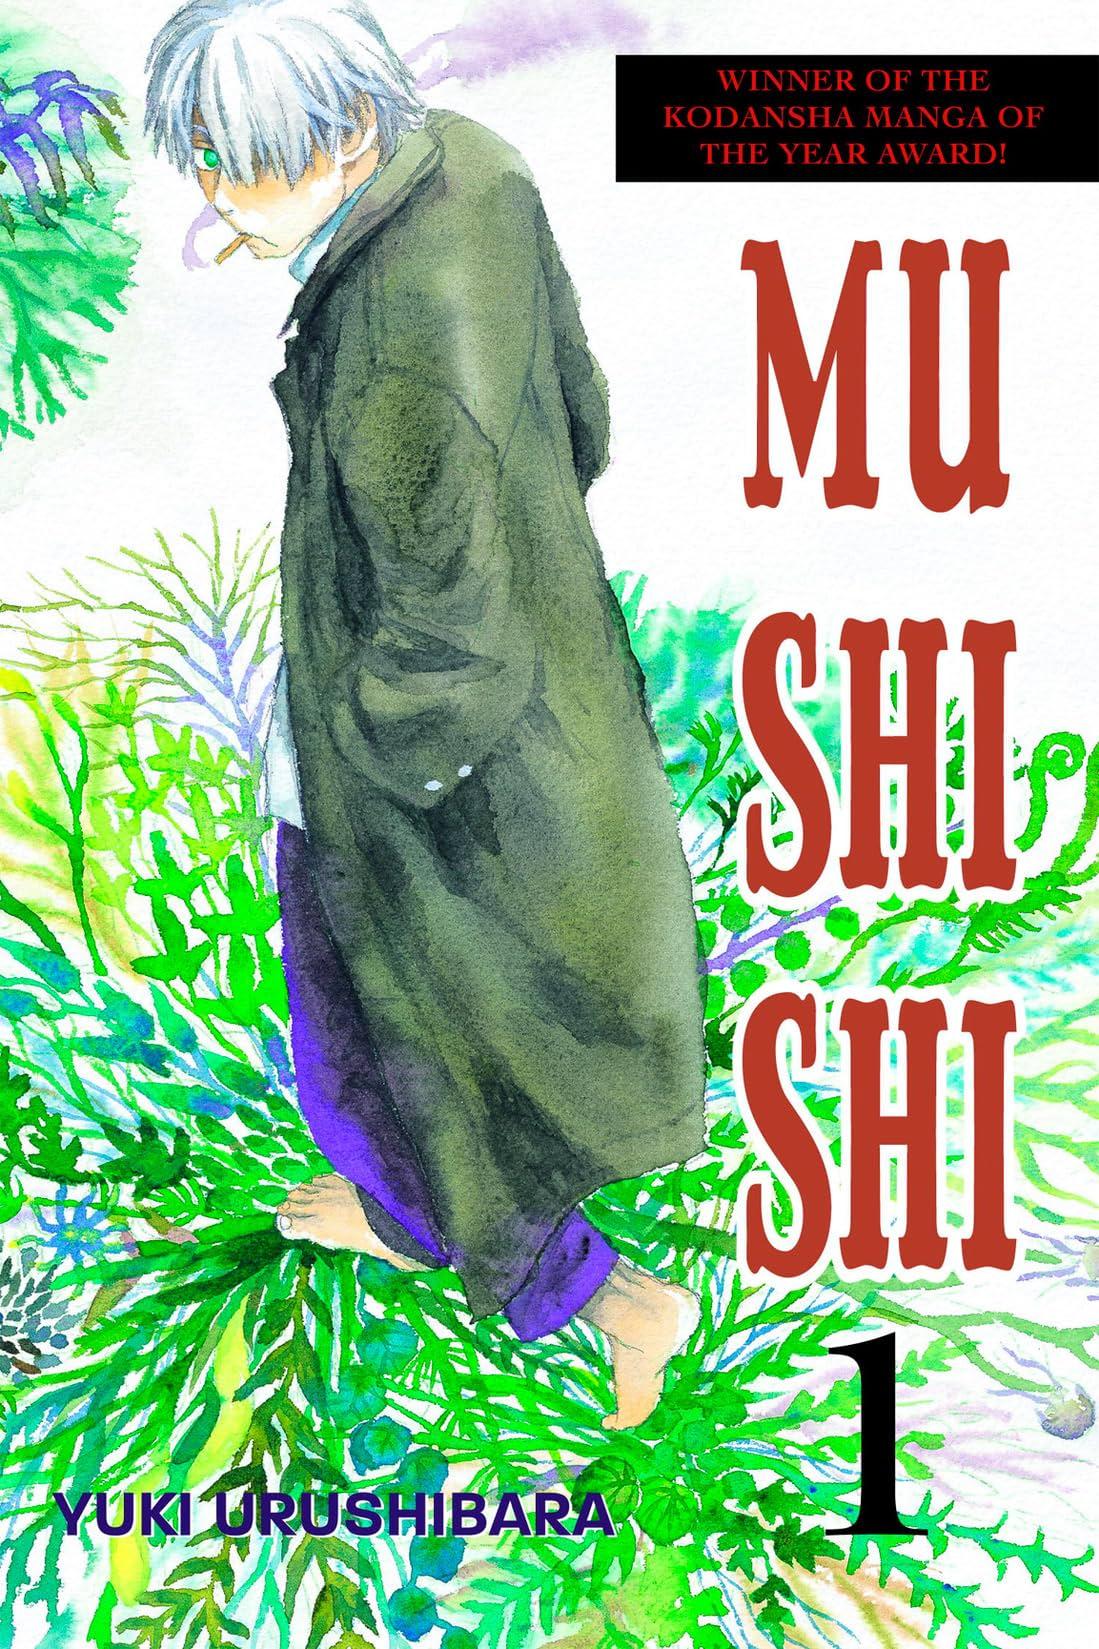 Mushi Shi Vol. 1